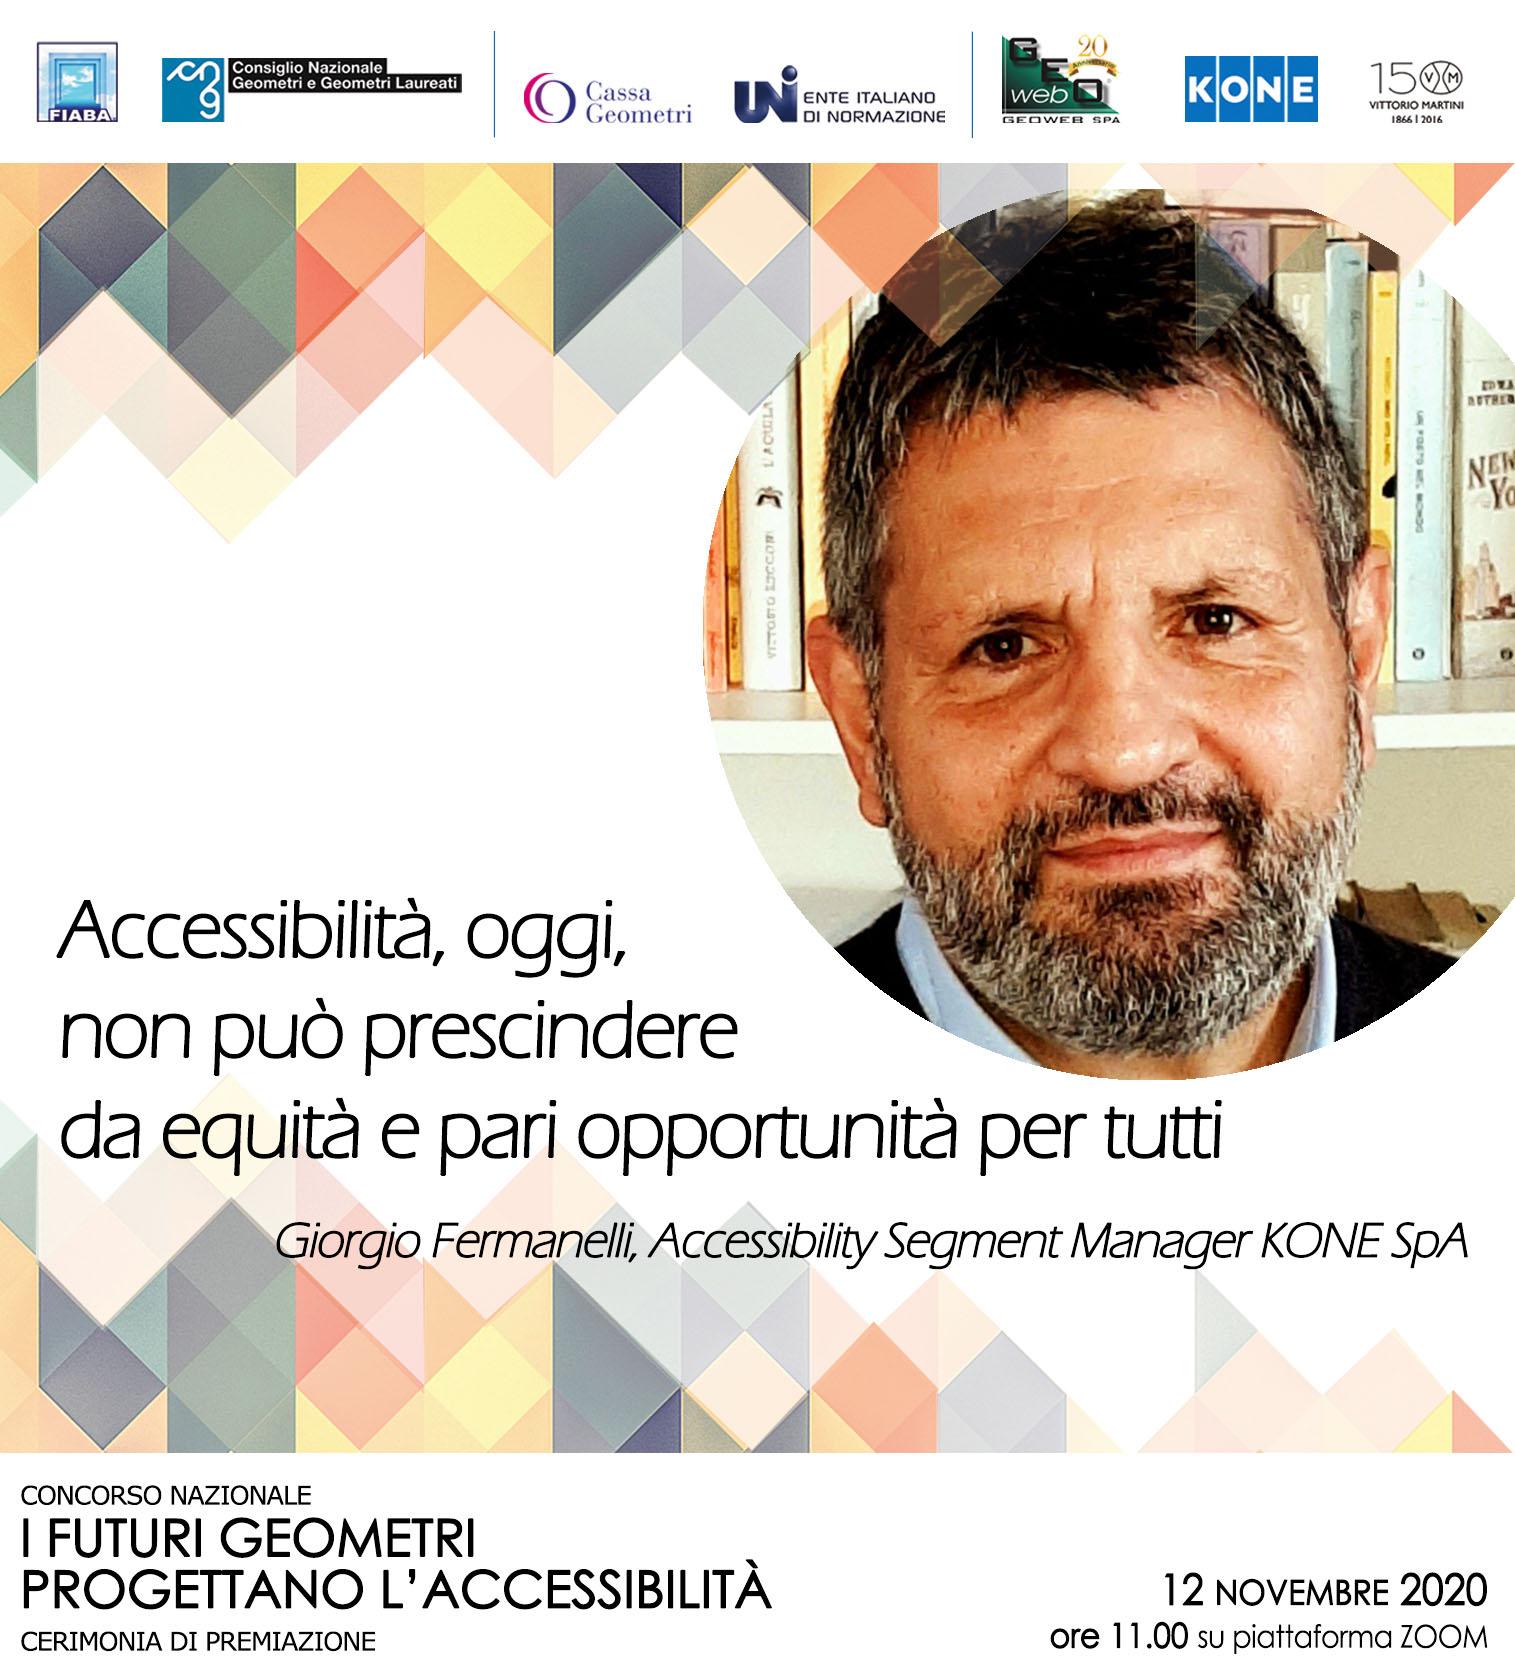 """Immagine con la foto a destra di Giorgio Fermanelli, Accessibility Segment Manager KONE SpA, con la frase sotto a sinistra """"Accessibilità, oggi, non può prescindere da equità e pari opportunità per tutti"""""""